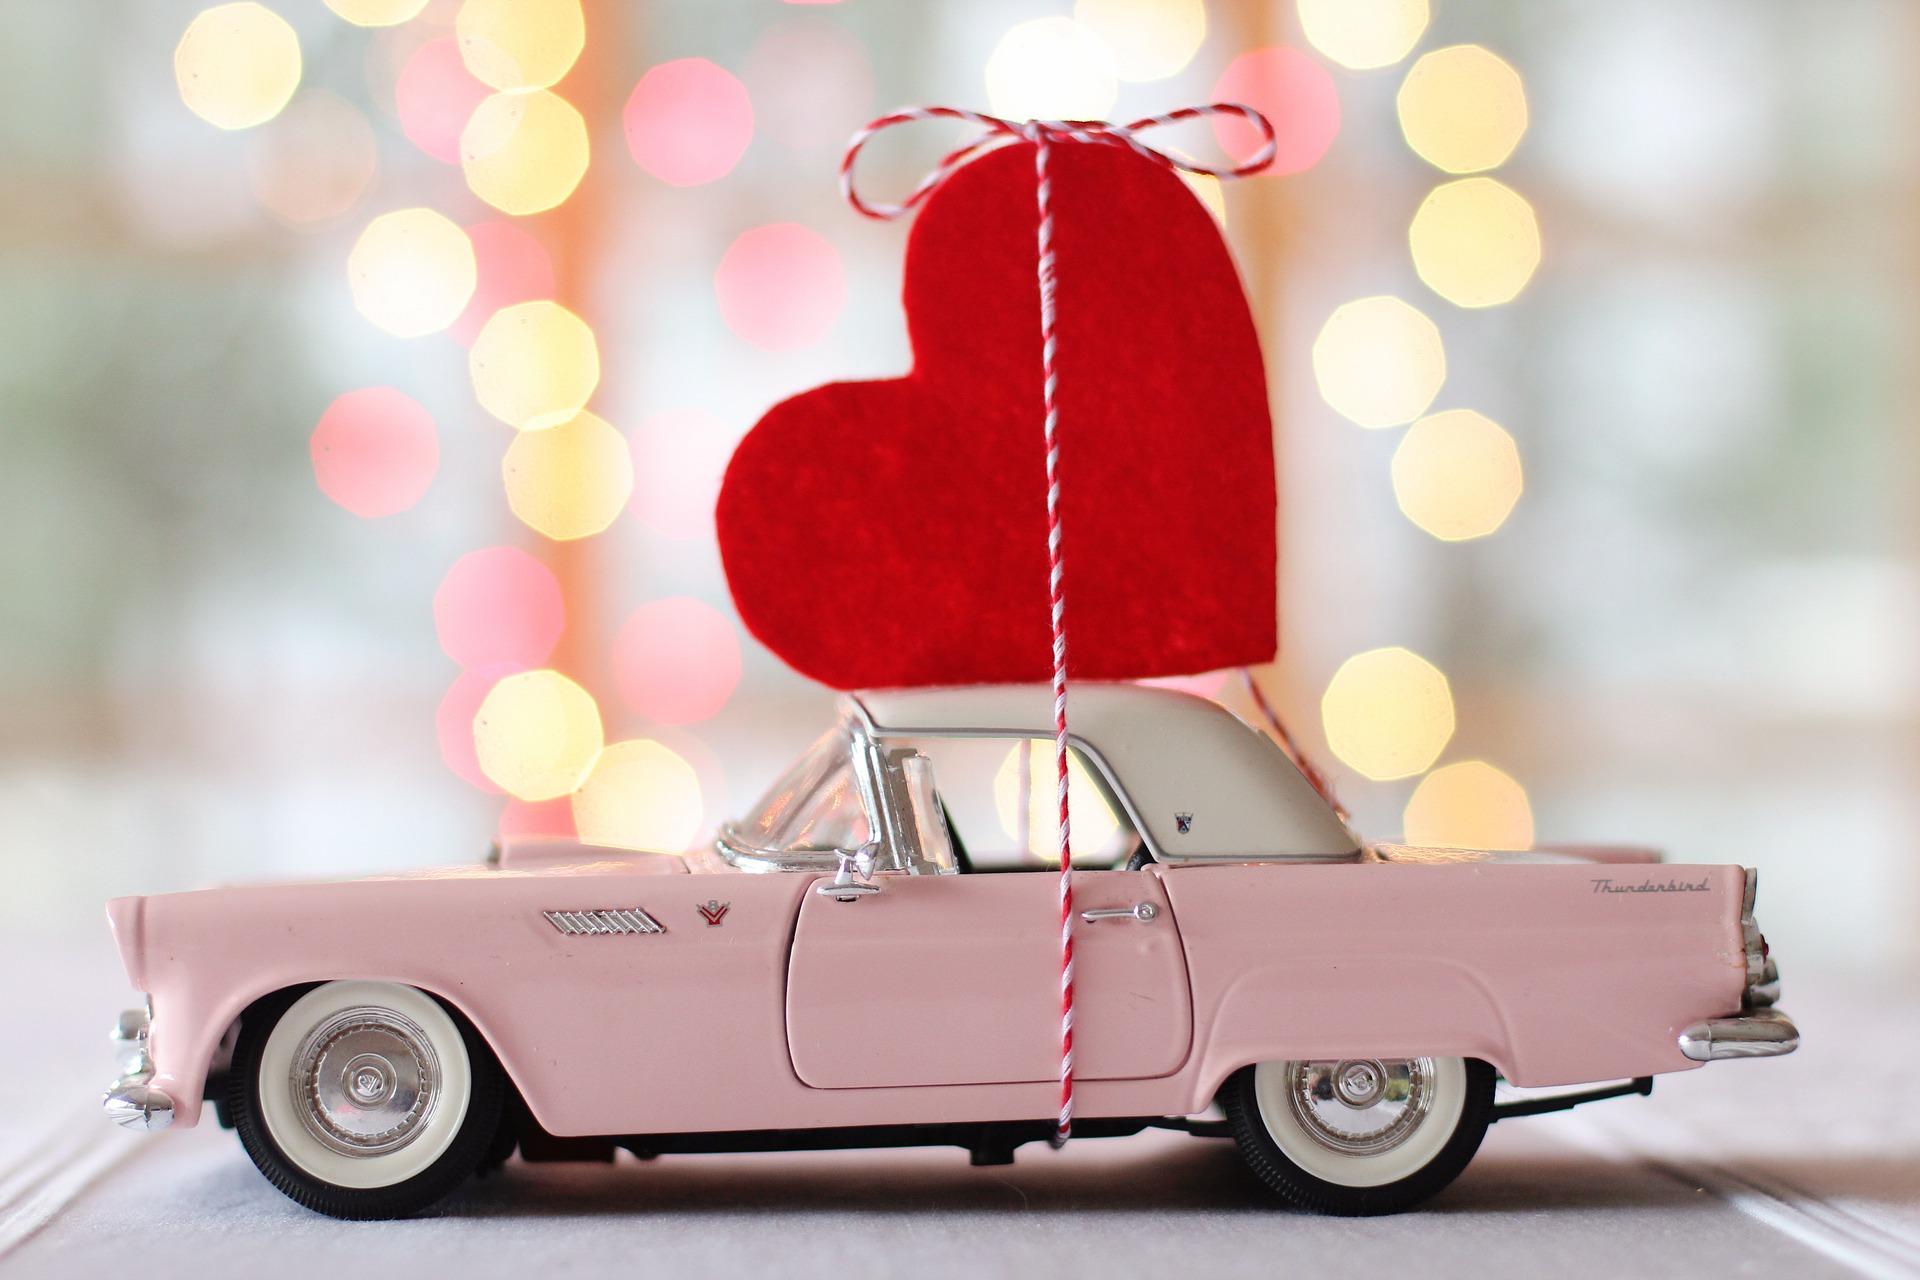 Inhaken op Valentijnsdag foto